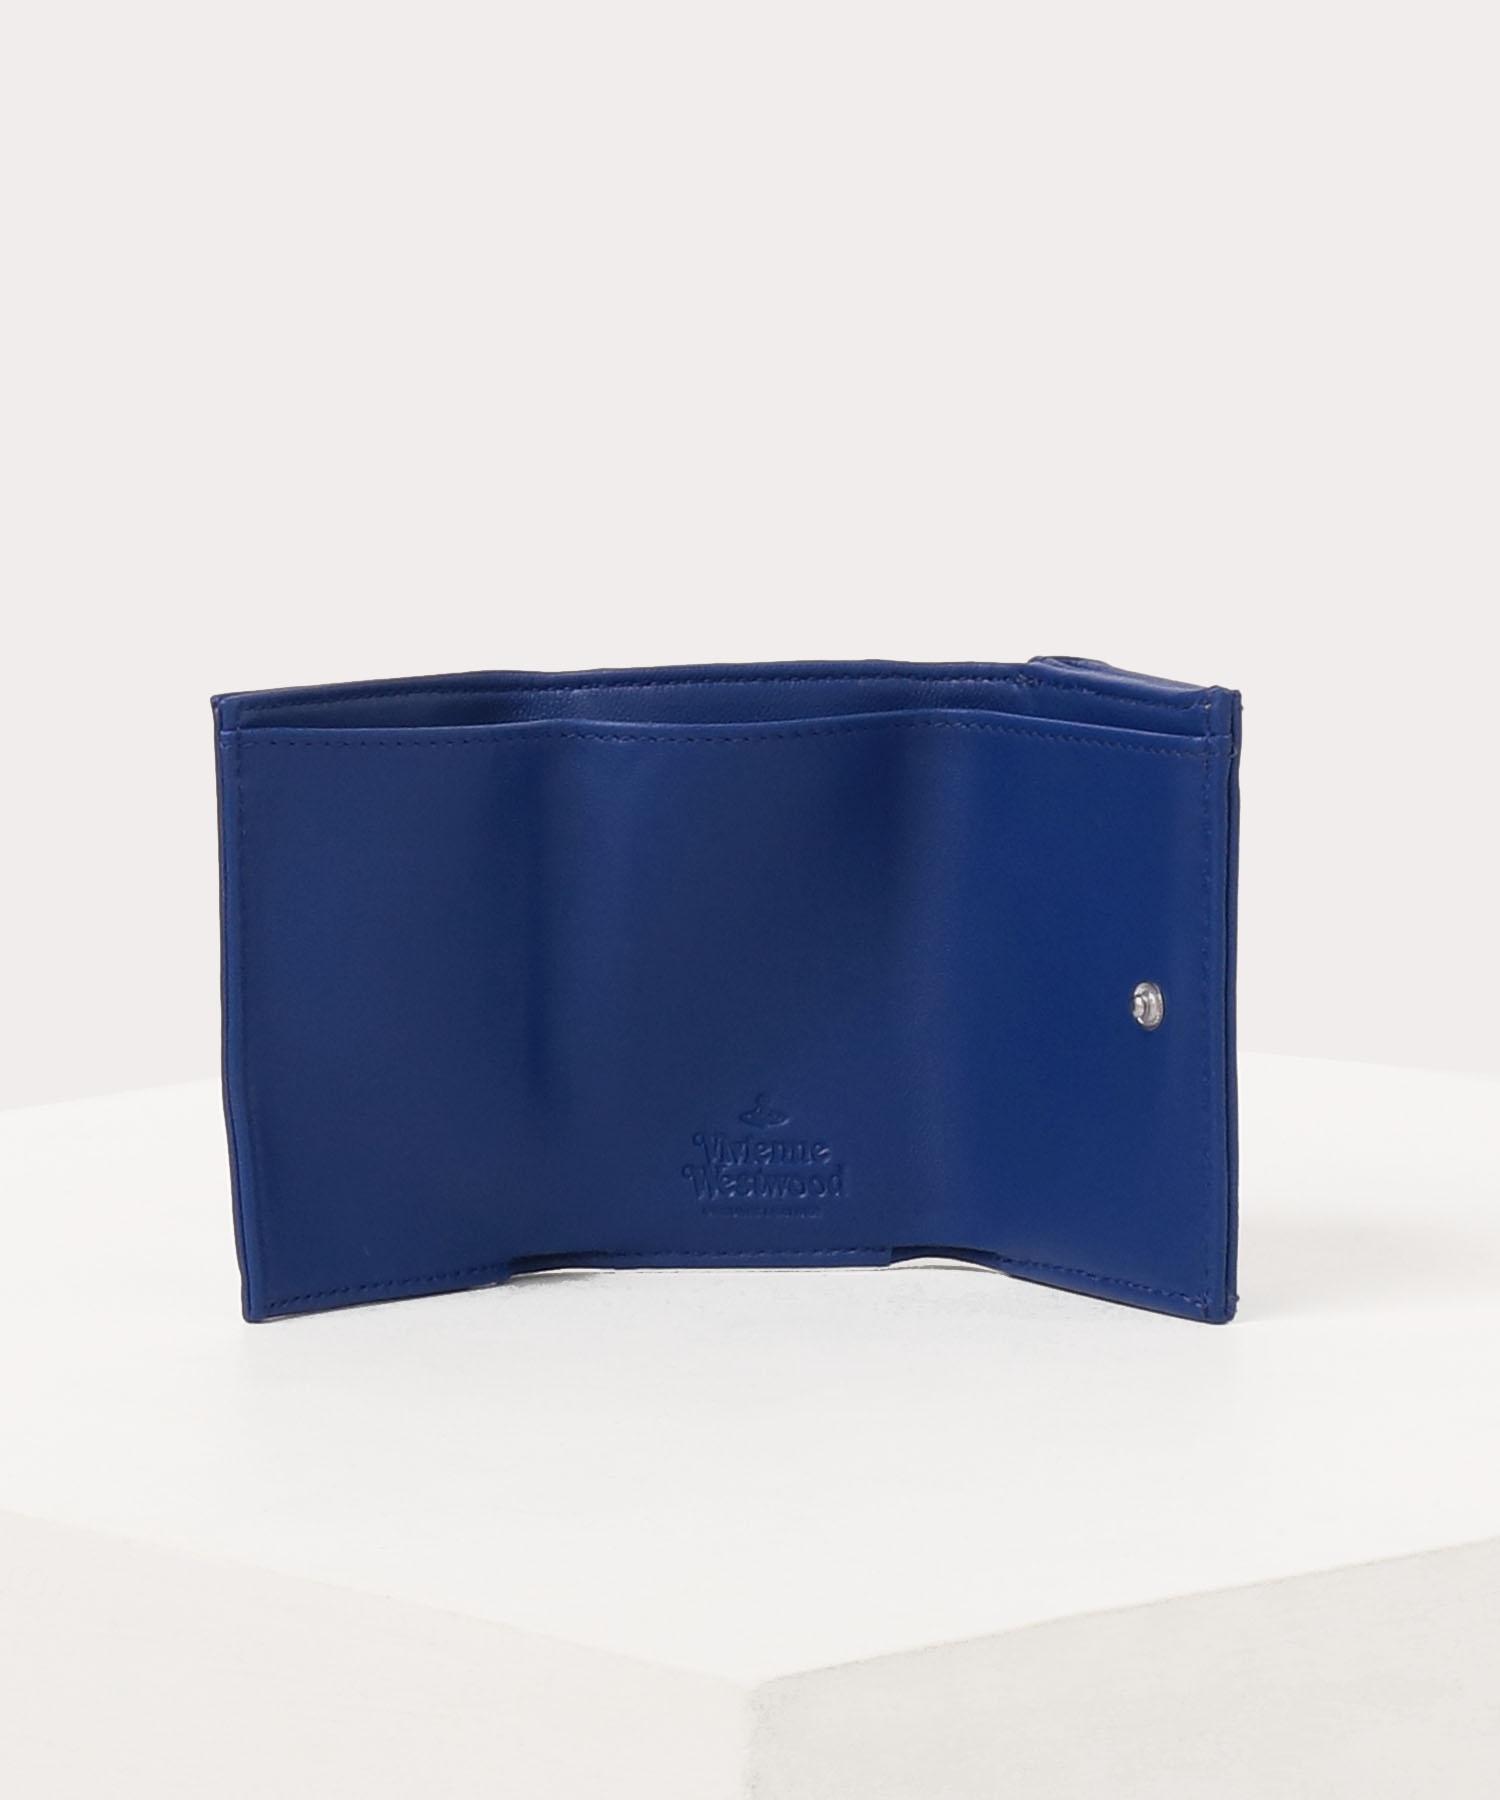 EMMA 三つ折り財布